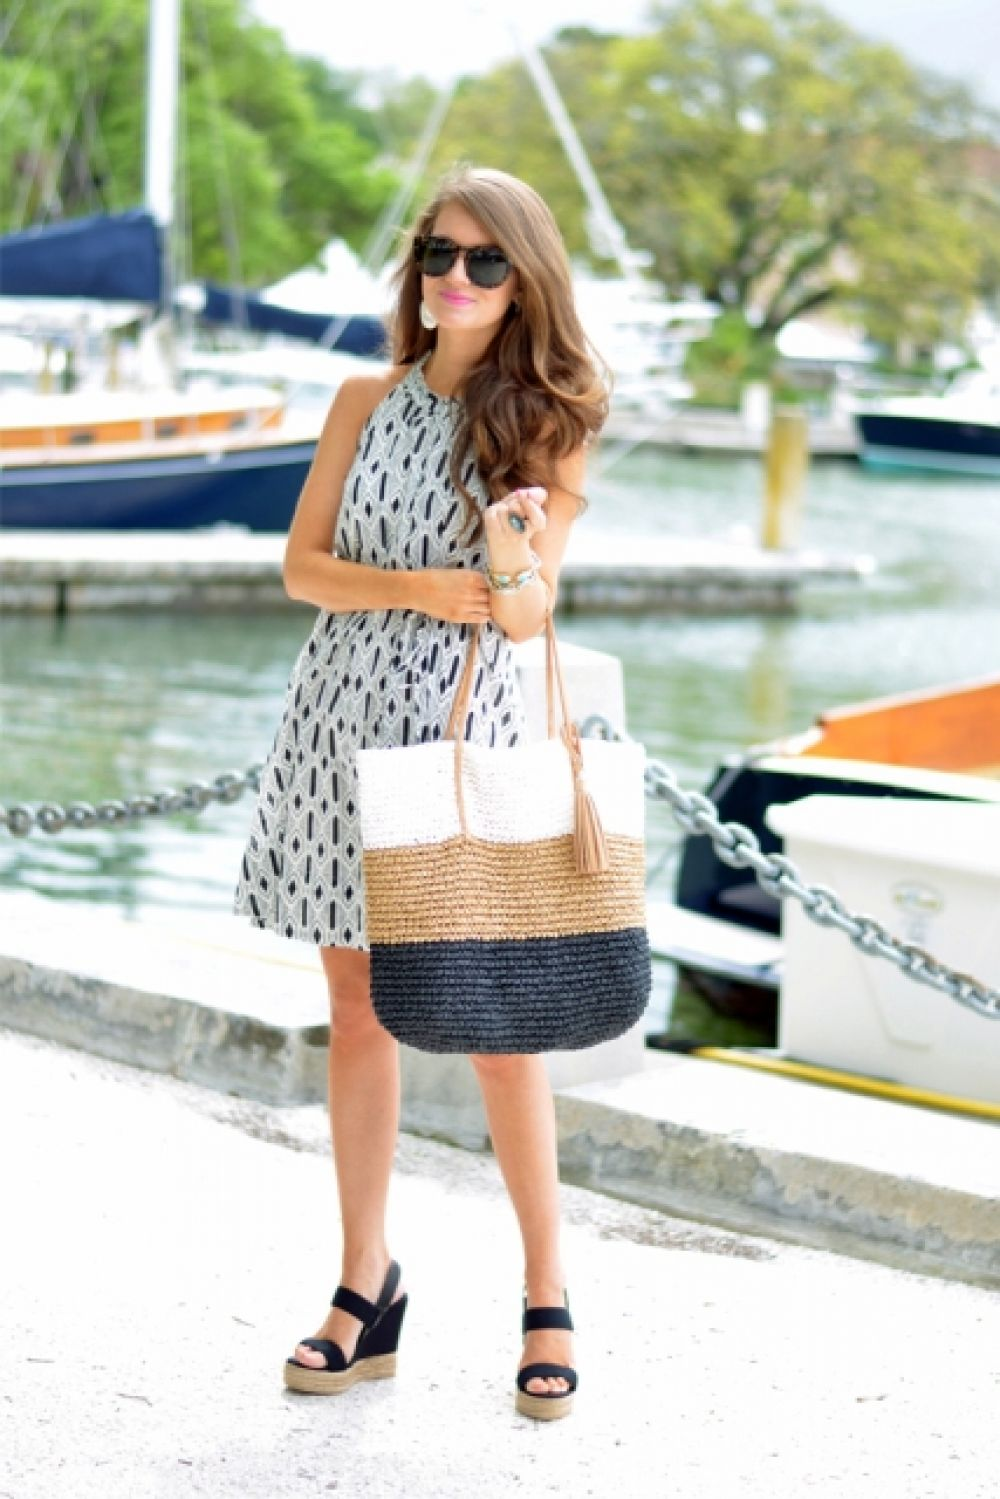 Второй тренд - это уже давно и всем известные плетеные сумки.